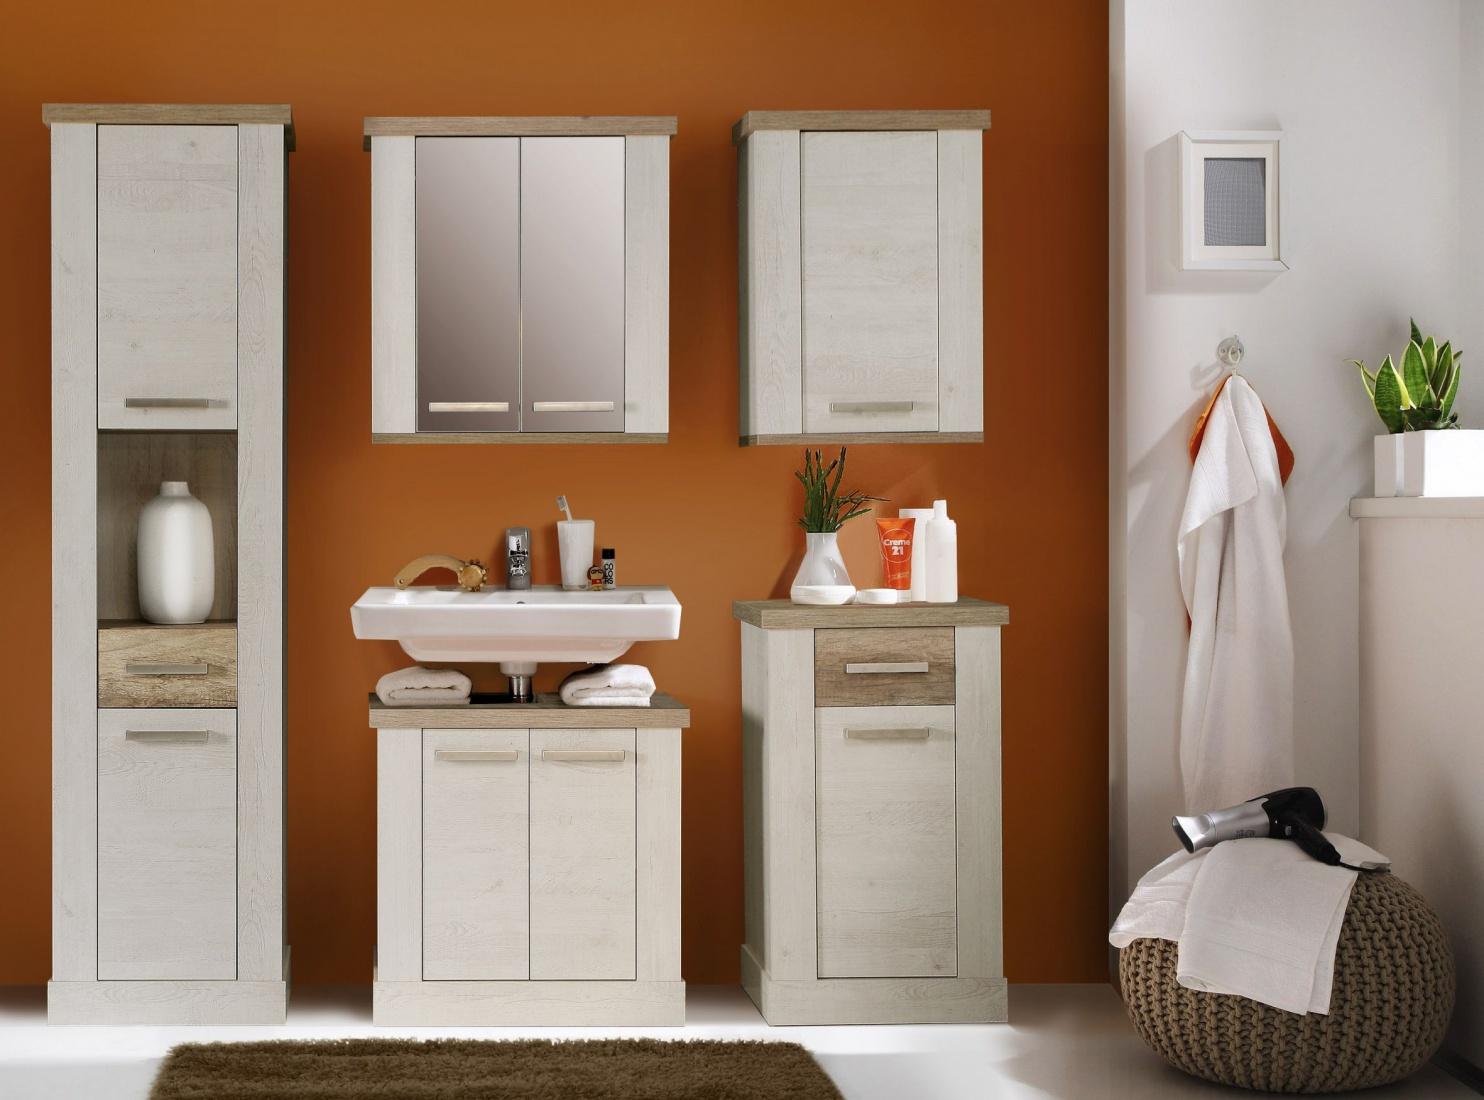 Badezimmer set hedda in pinia wei eiche antik kaufen - Badezimmer antik ...